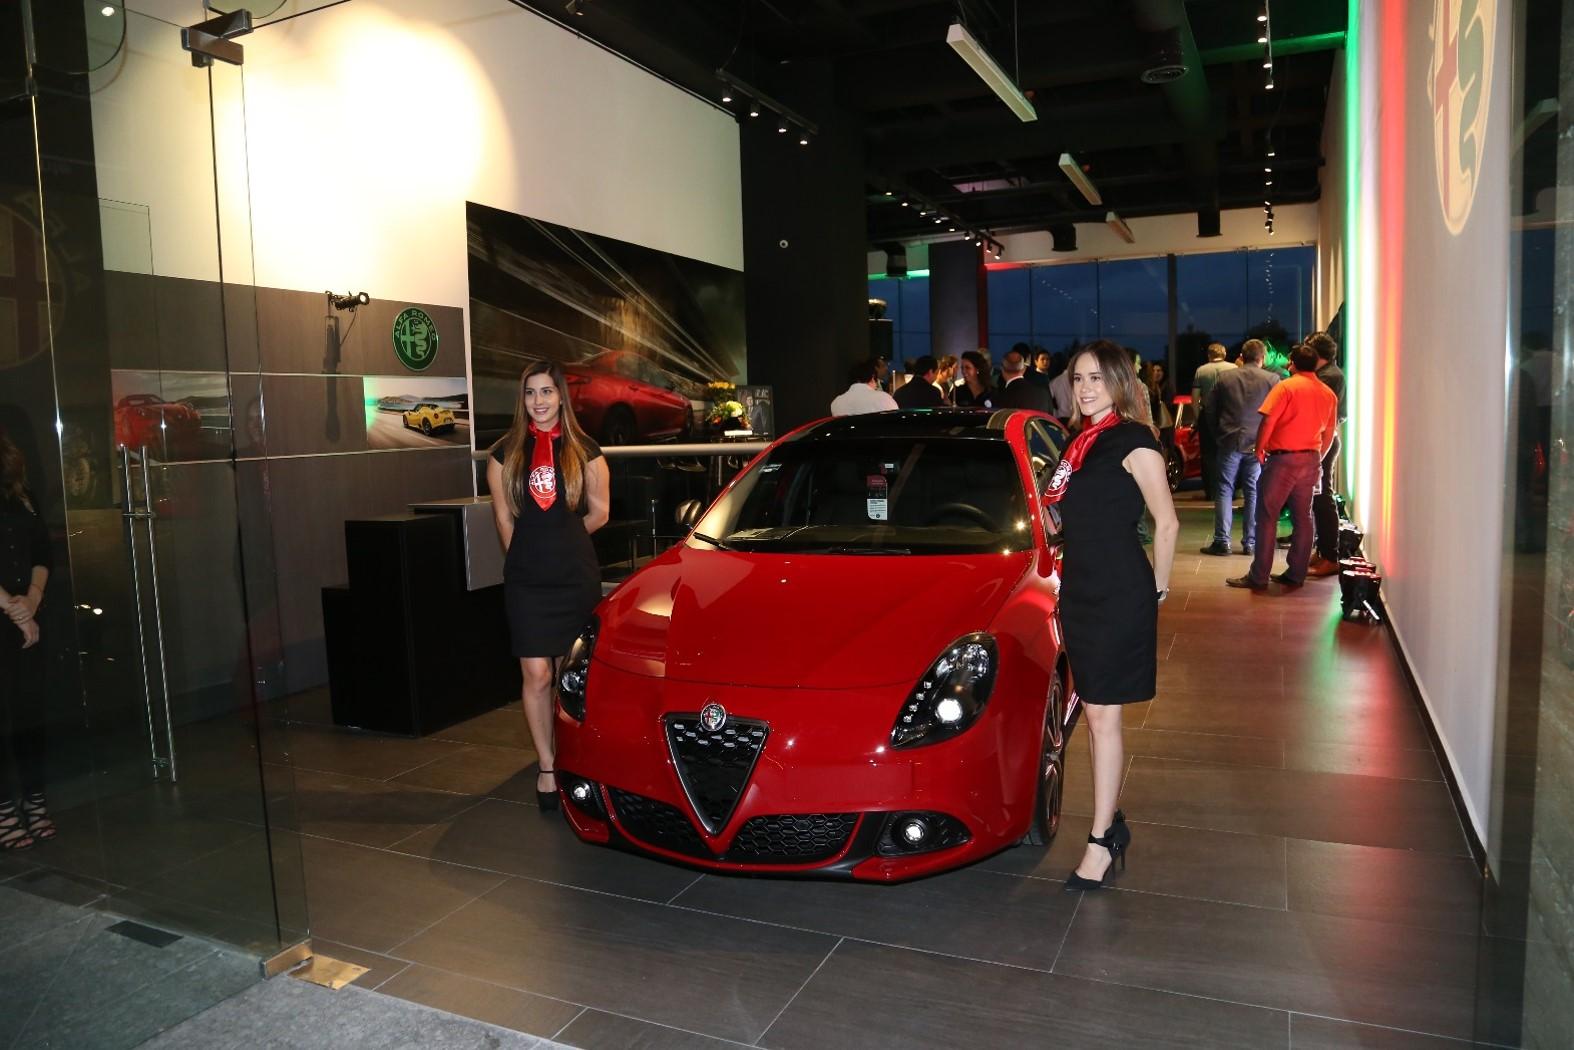 alfa romeo chroma la primera boutique de autos en m xico autos y moda m xico. Black Bedroom Furniture Sets. Home Design Ideas